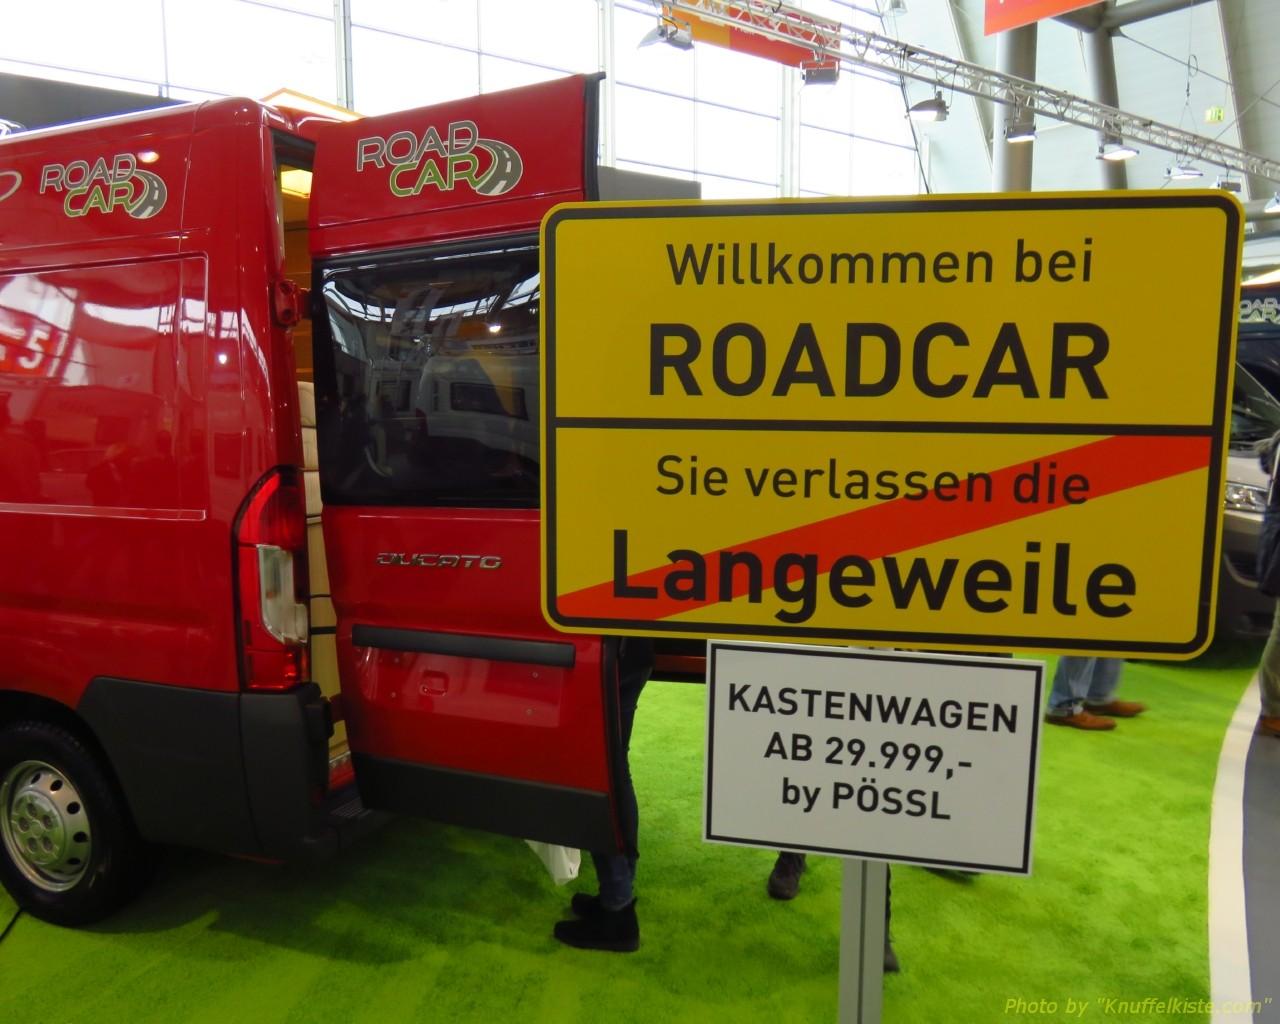 neben Pössl/Globecar gleich Clever und Roadcar...